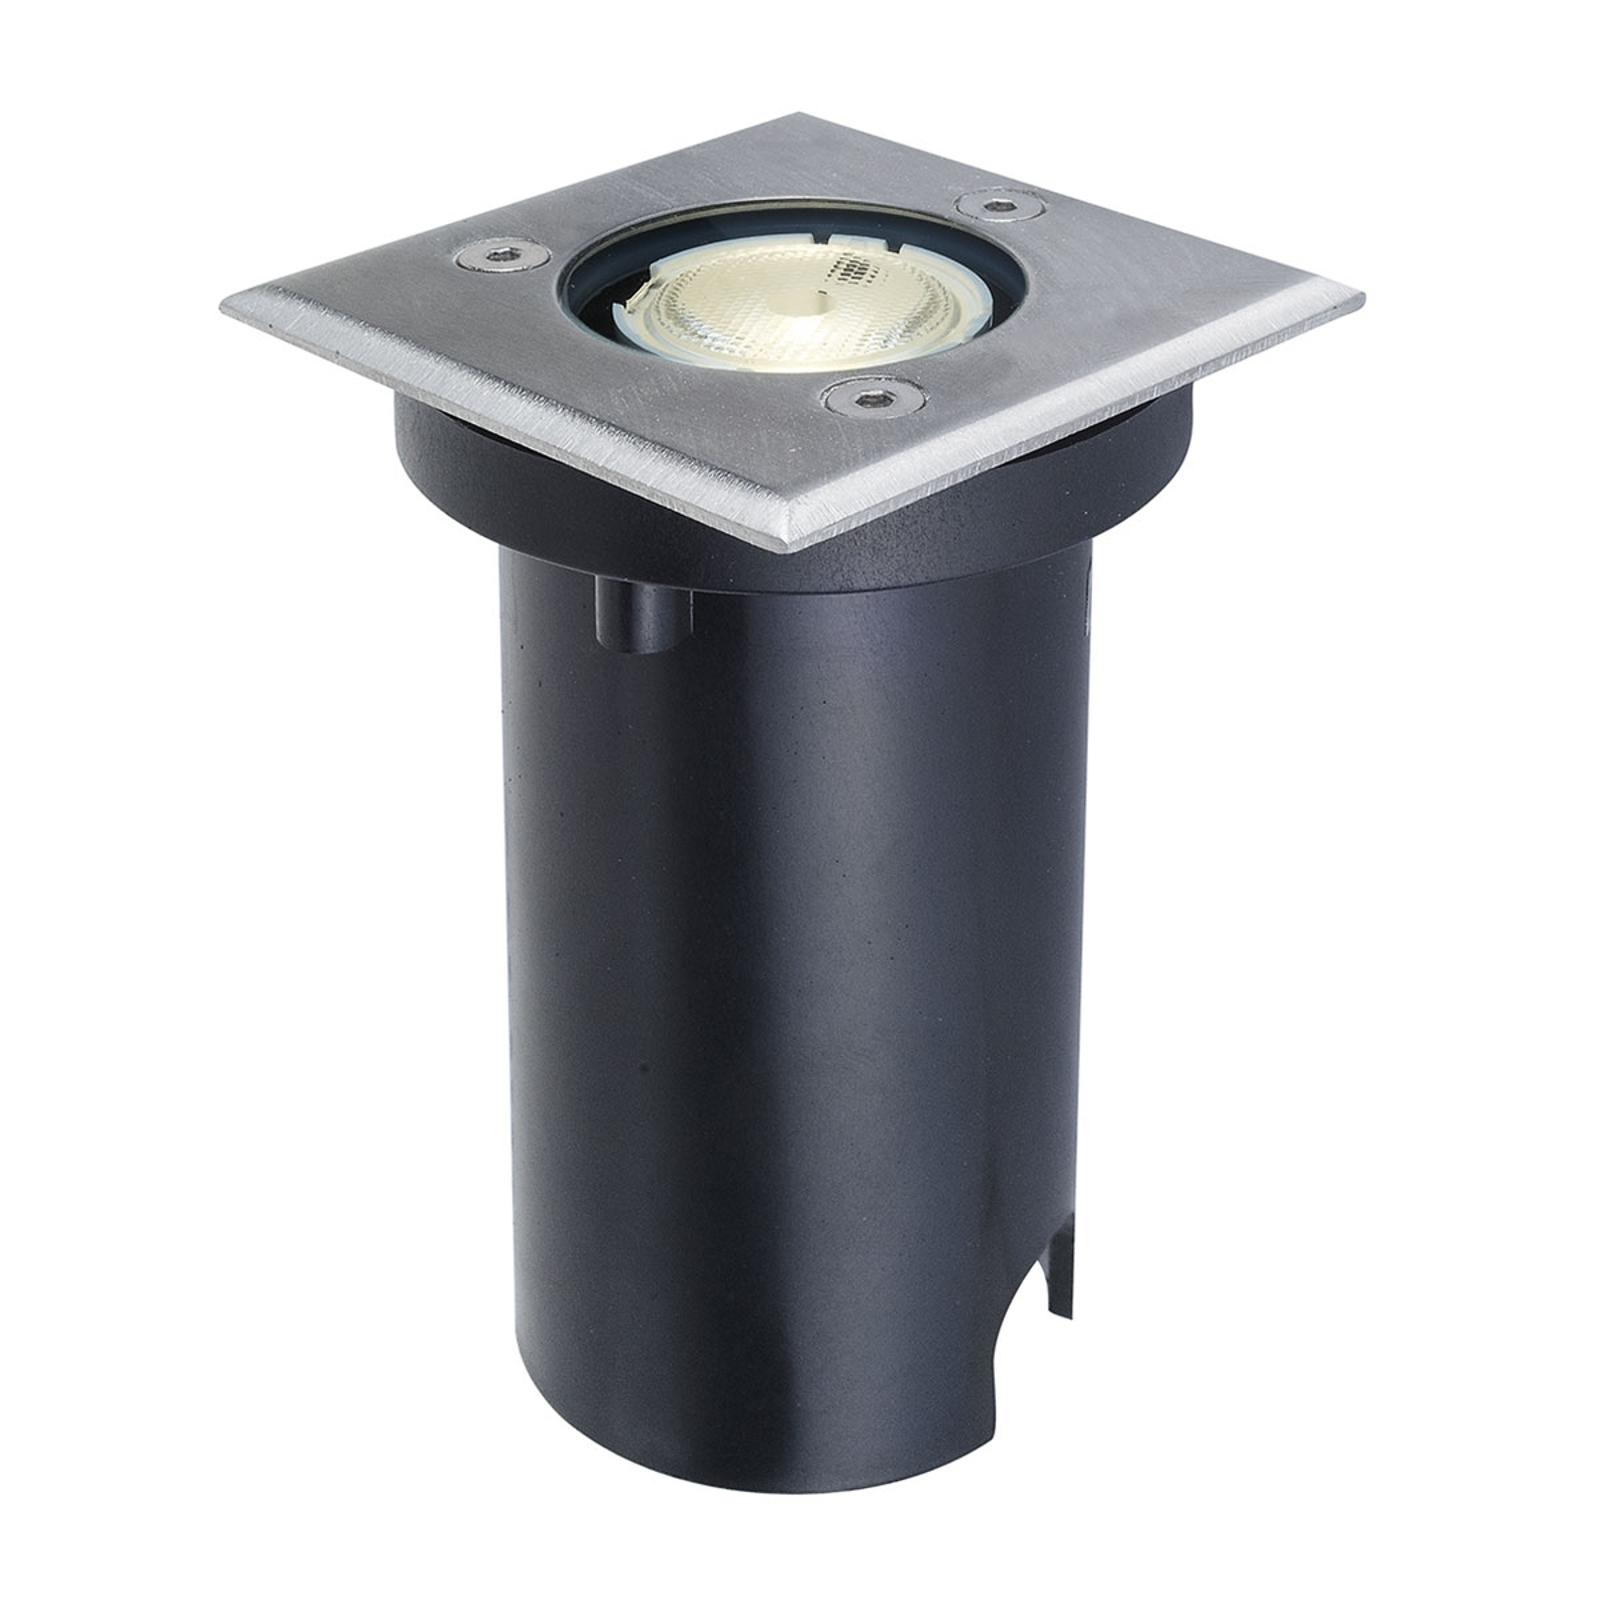 LED-Bodeneinbauleuchte Kenan, IP67, 49 Lumen